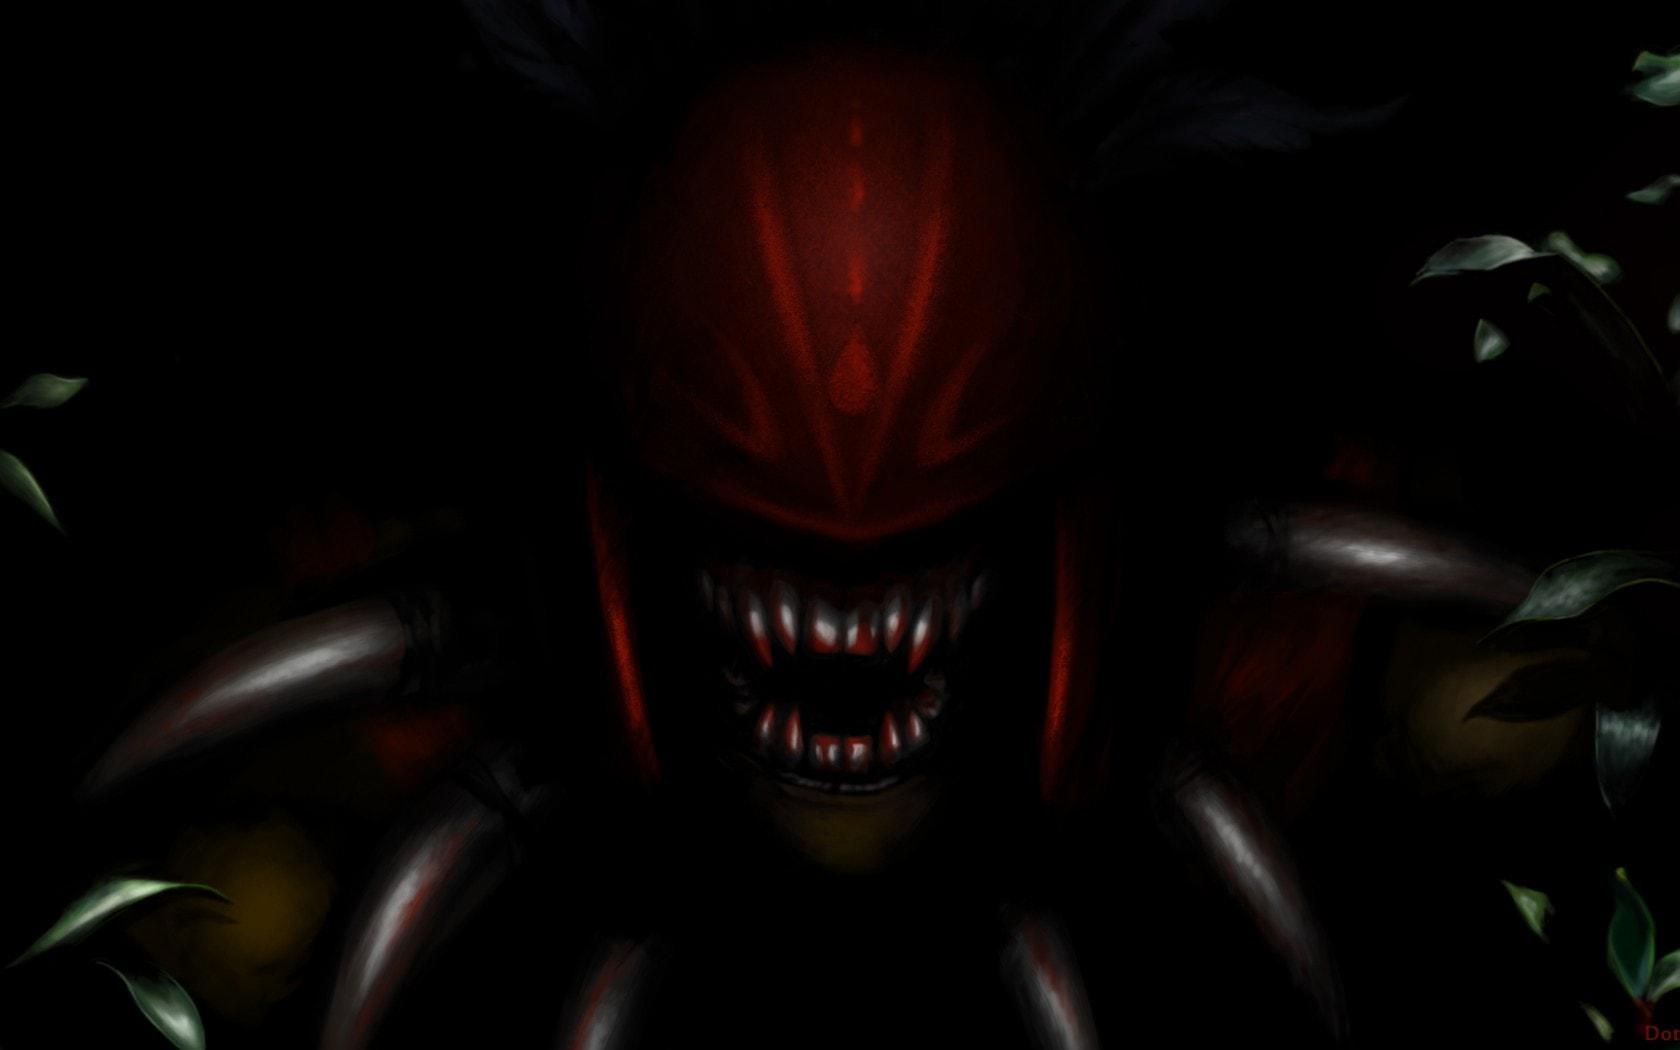 Dota2 : Bloodseeker full hd wallpapers